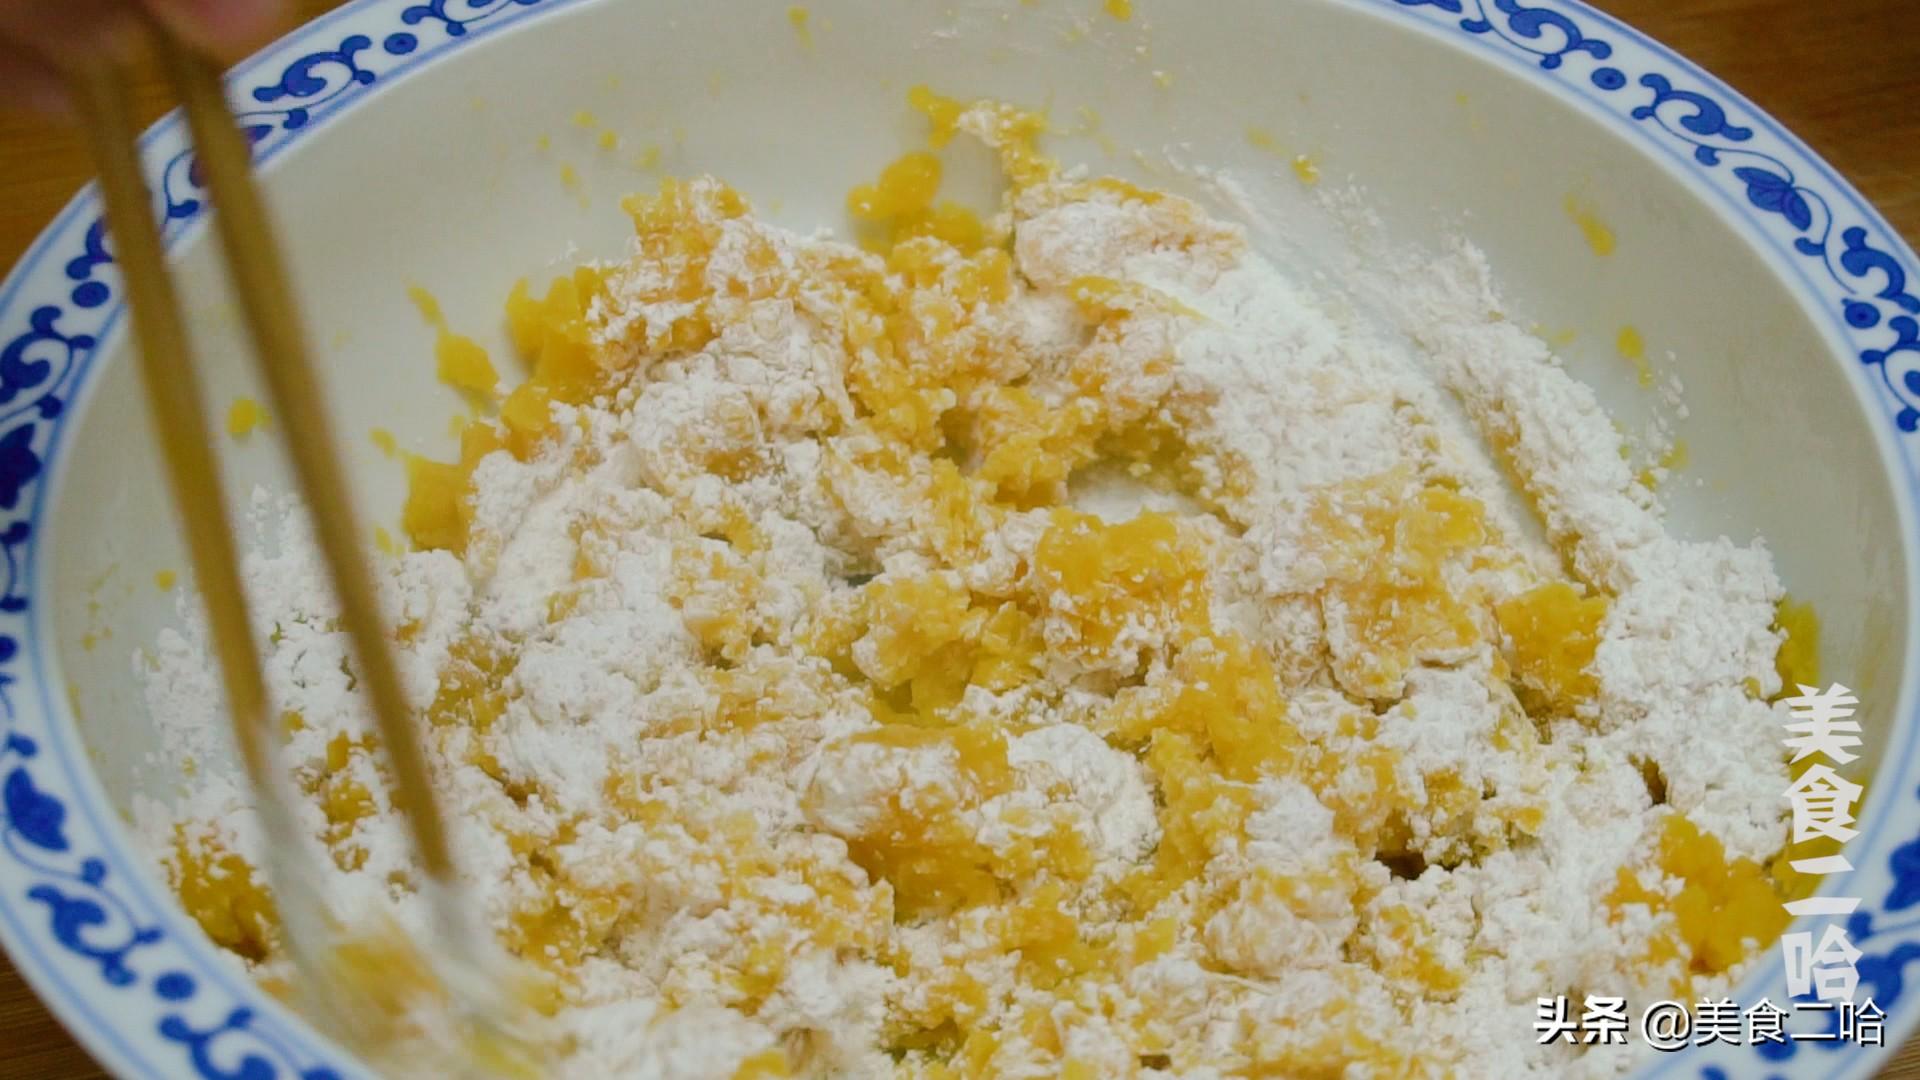 红薯花样吃法,蒸煮炸炖都不如这样煎着吃,夹心流糖怎么都吃不够